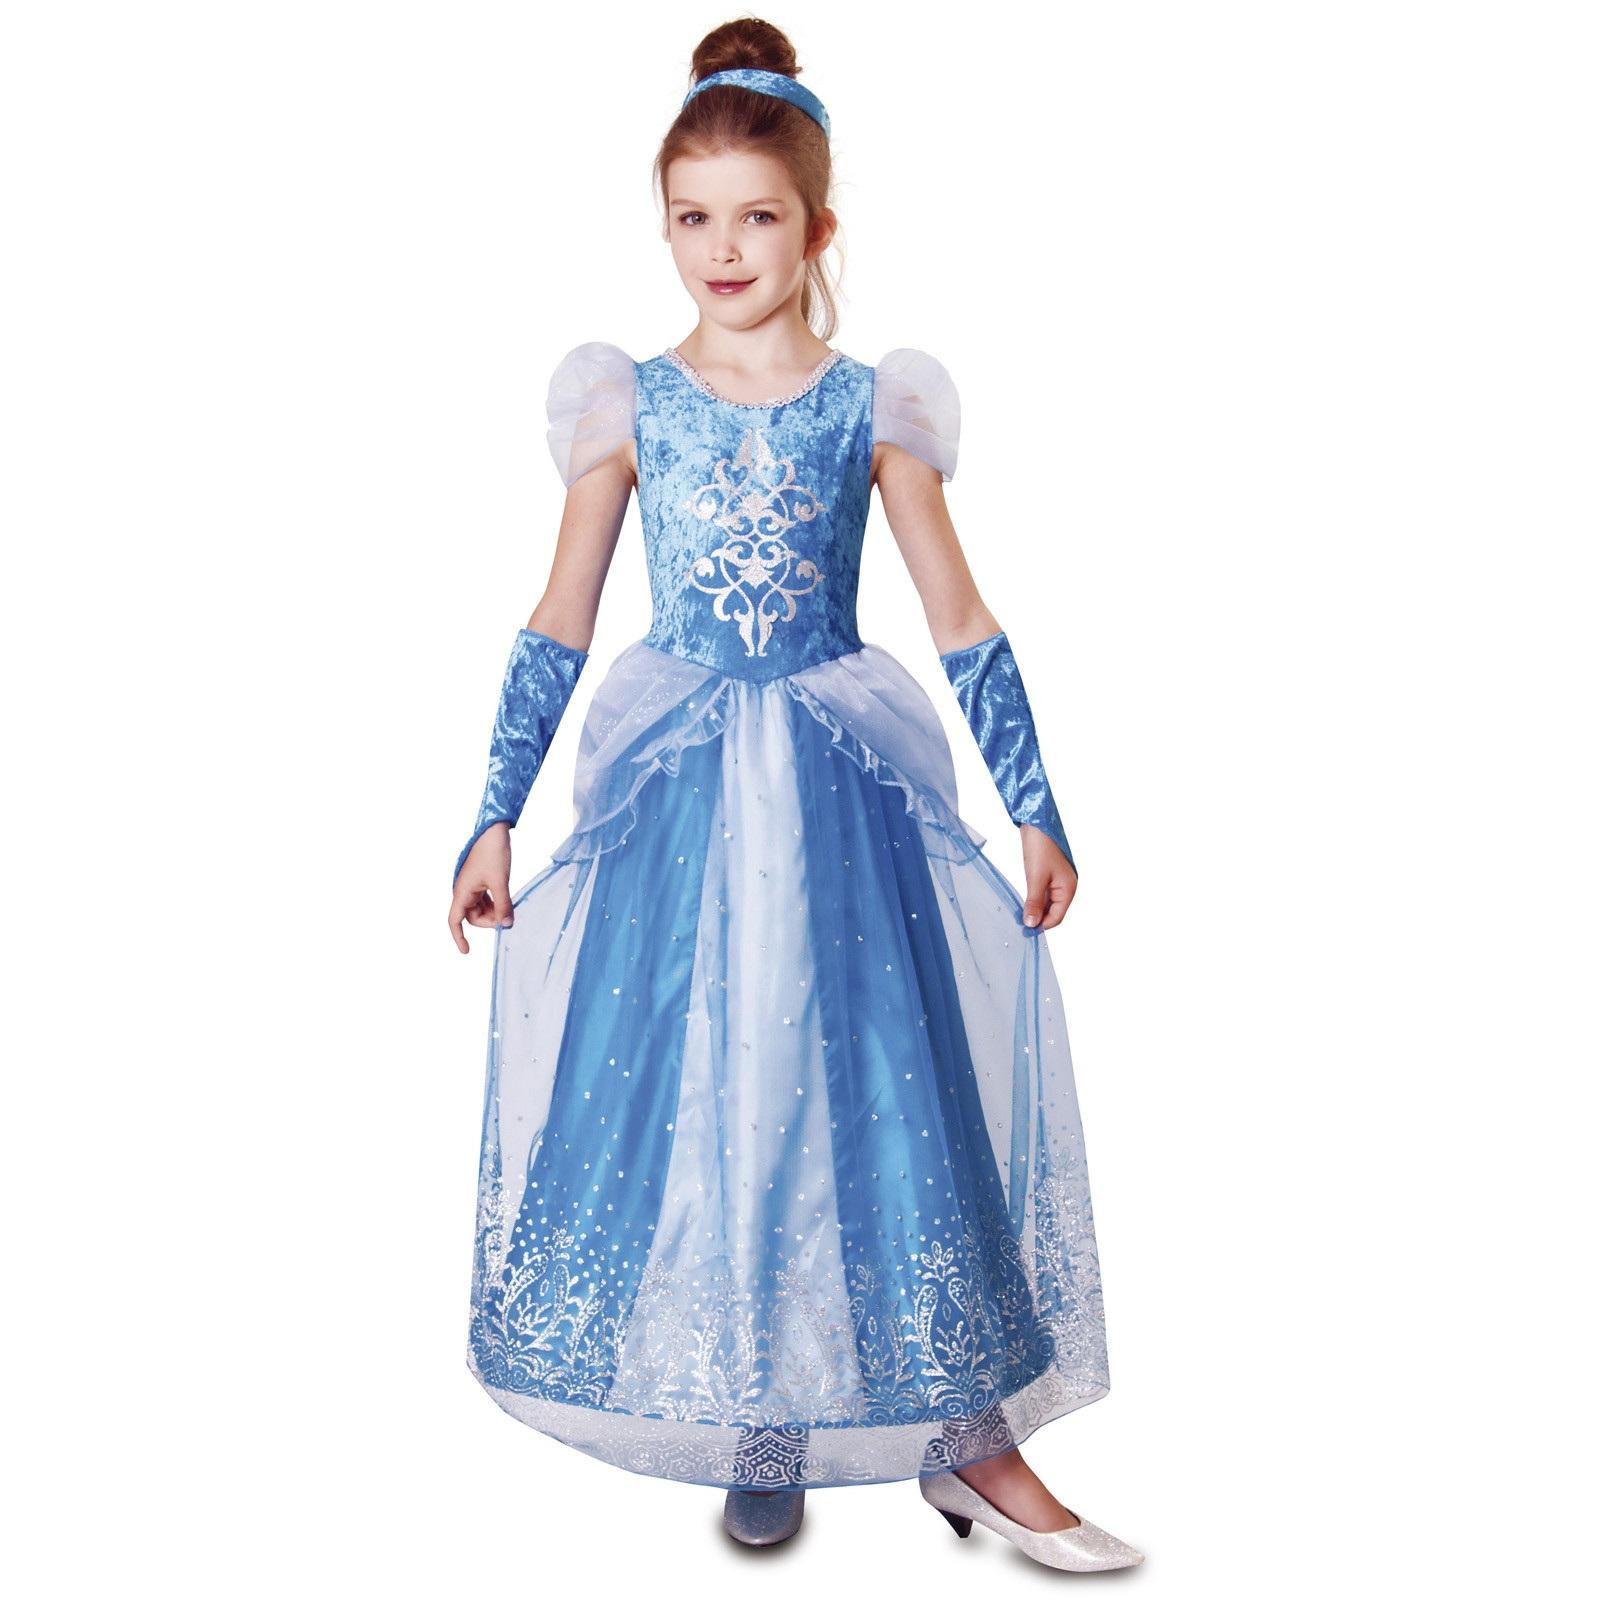 disfraz princesa del hielo niña 203167mom - DISFRAZ DE PRINCESA DEL HIELO NIÑA